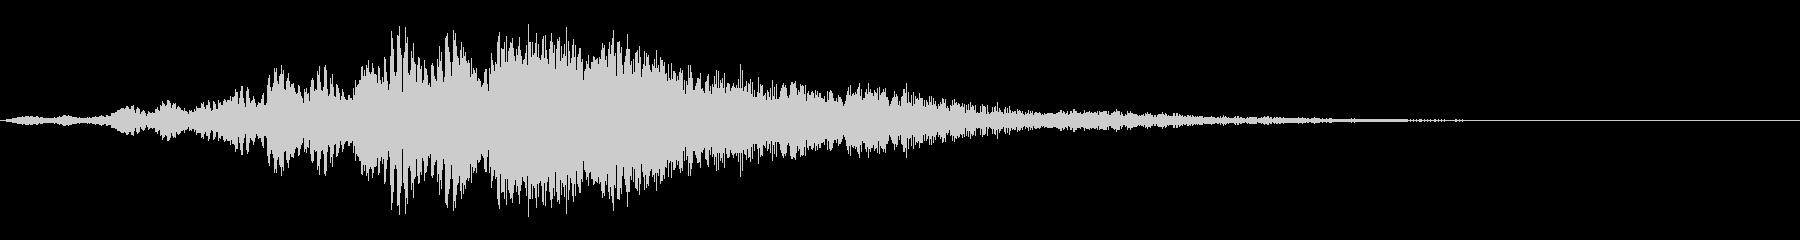 ポドラサー3の未再生の波形